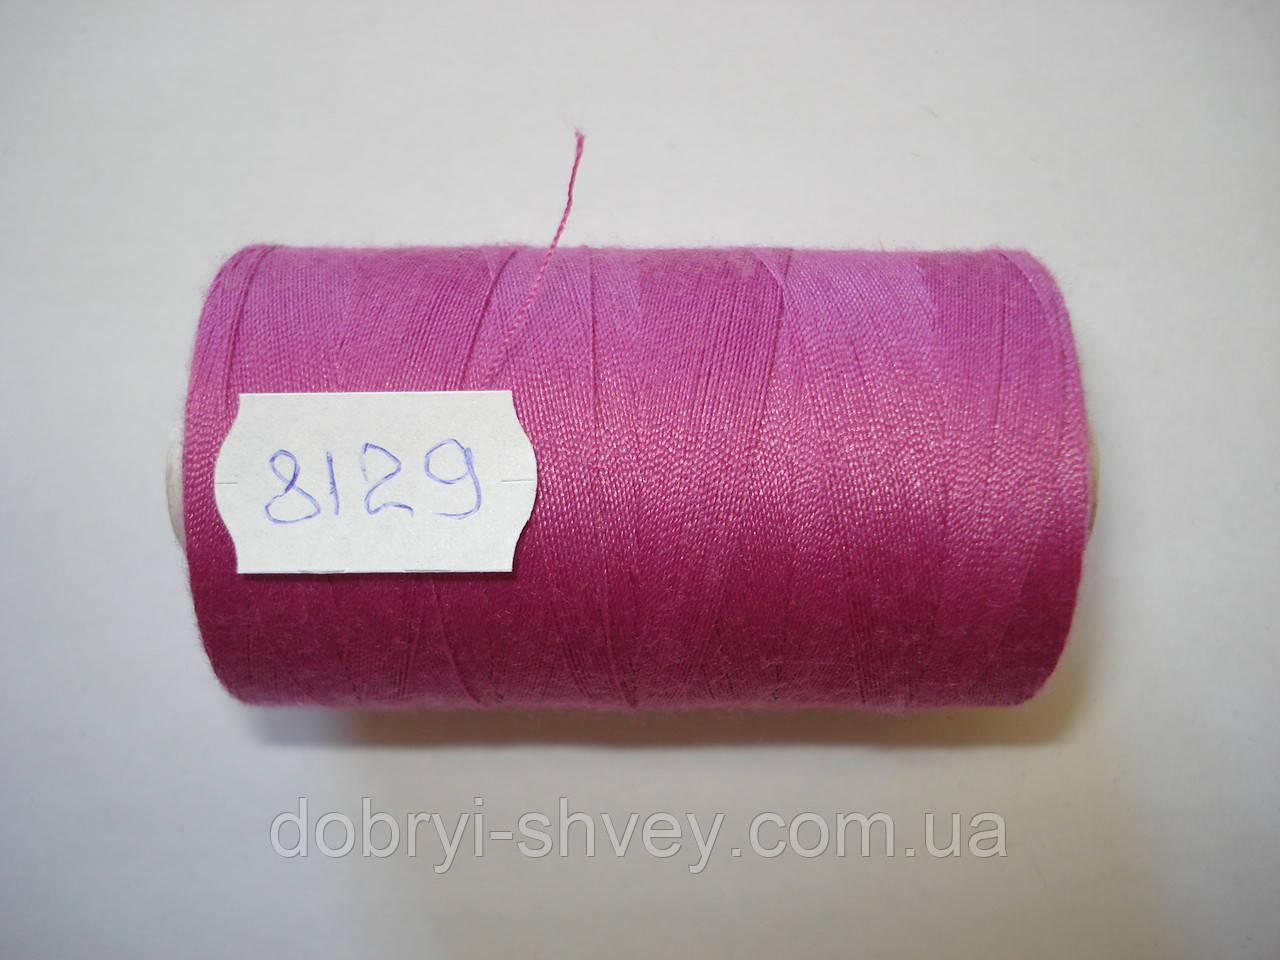 Нитка TRIGAN №80 1000м.соl 8129 т.лиловый (шт.)